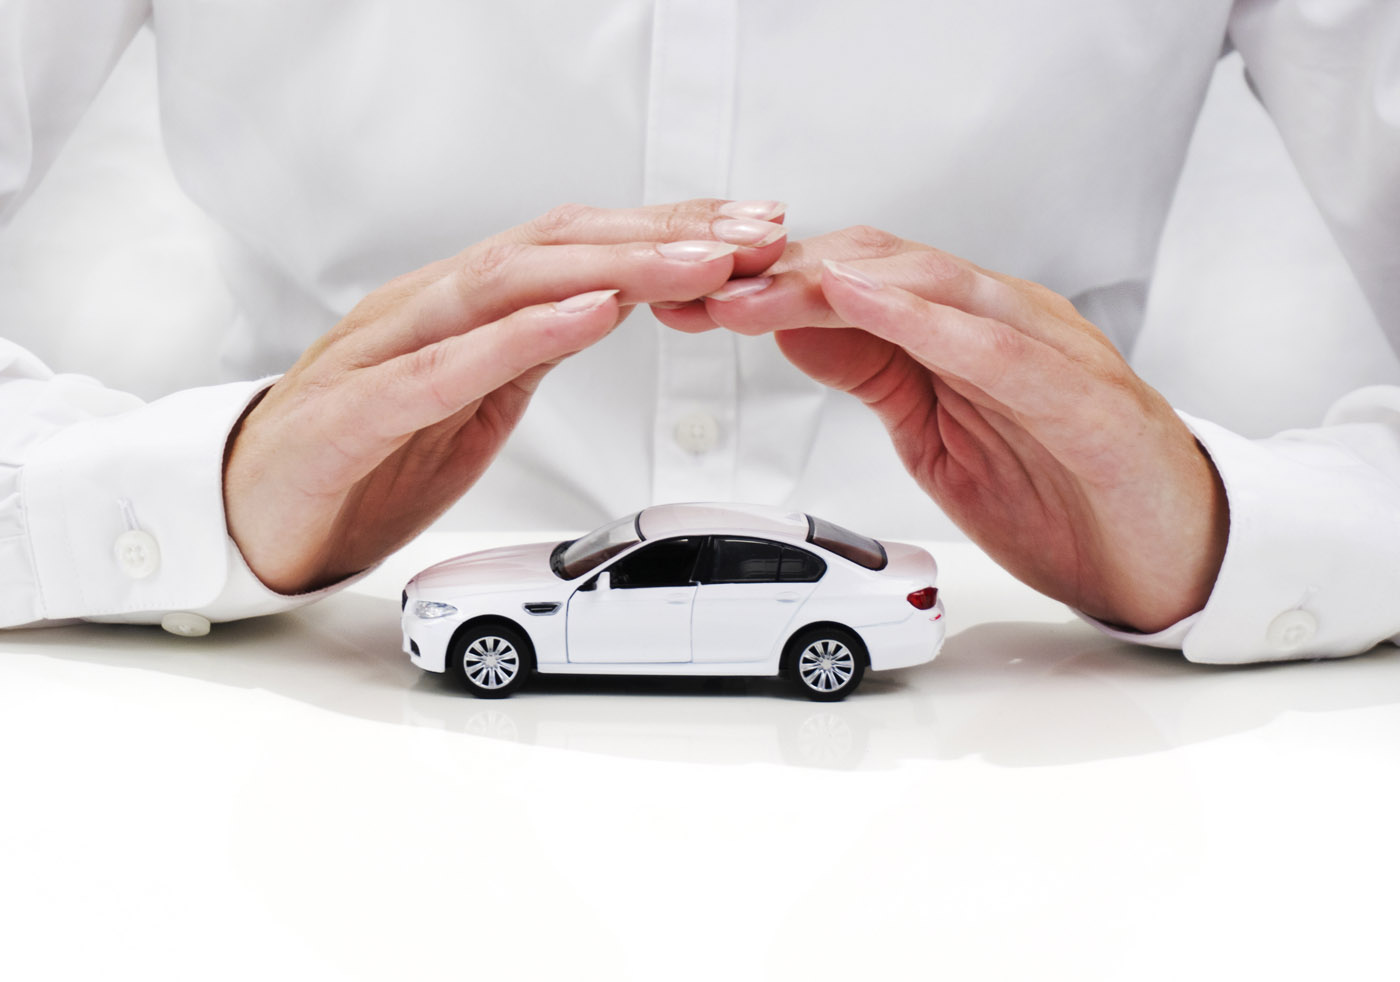 Ubezpieczenie samochodu - Agencja ubezpieczeń Prometeusz Bytom